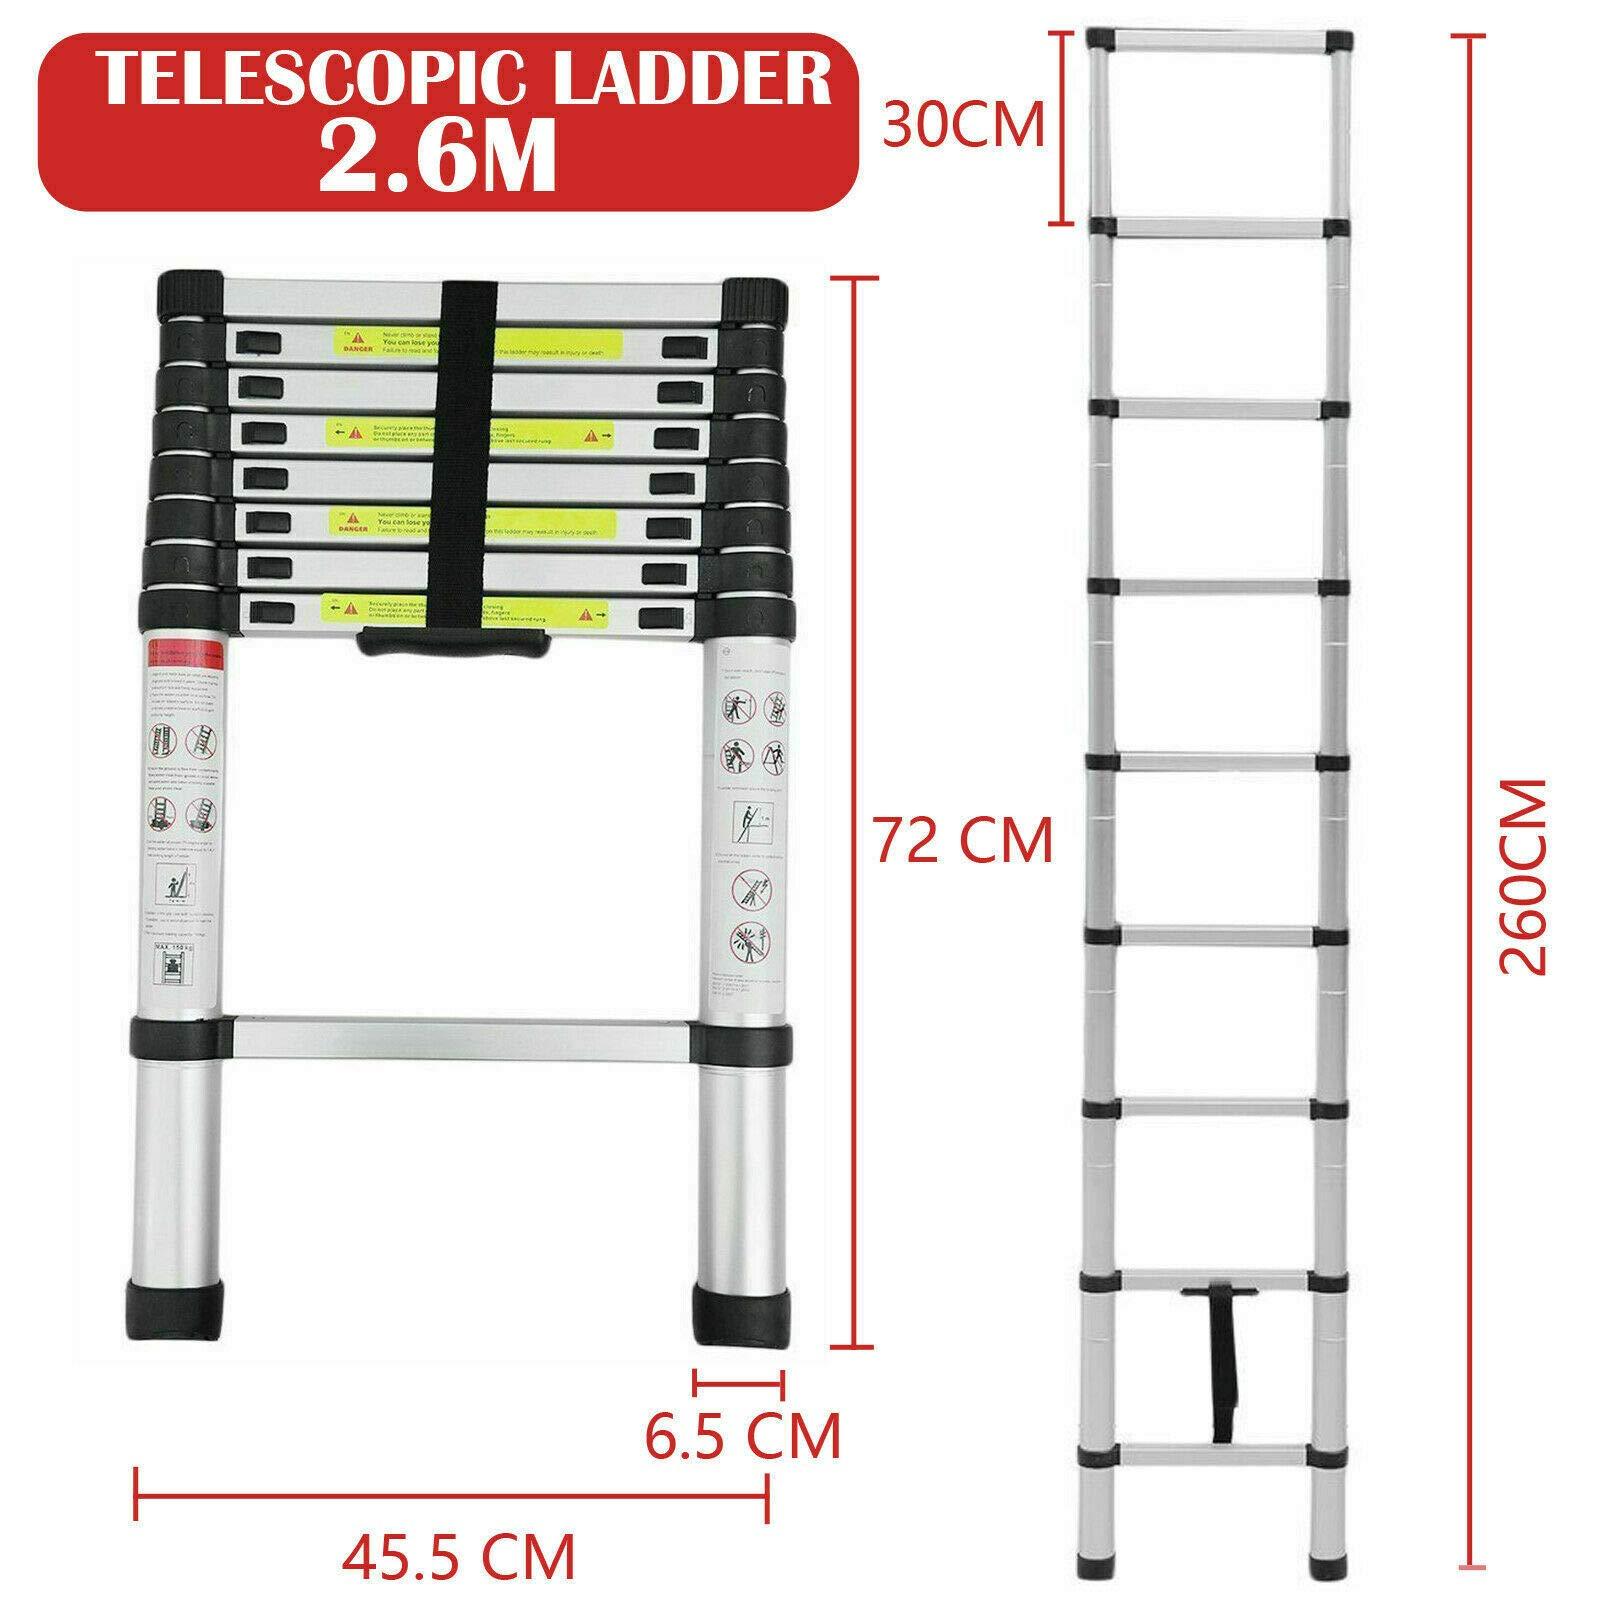 Escalera telescópica de 2,6 m de aluminio, ligera, portátil, extensible, plegable, multiusos, para casa, oficina, camión, interior y exterior: Amazon.es: Bricolaje y herramientas